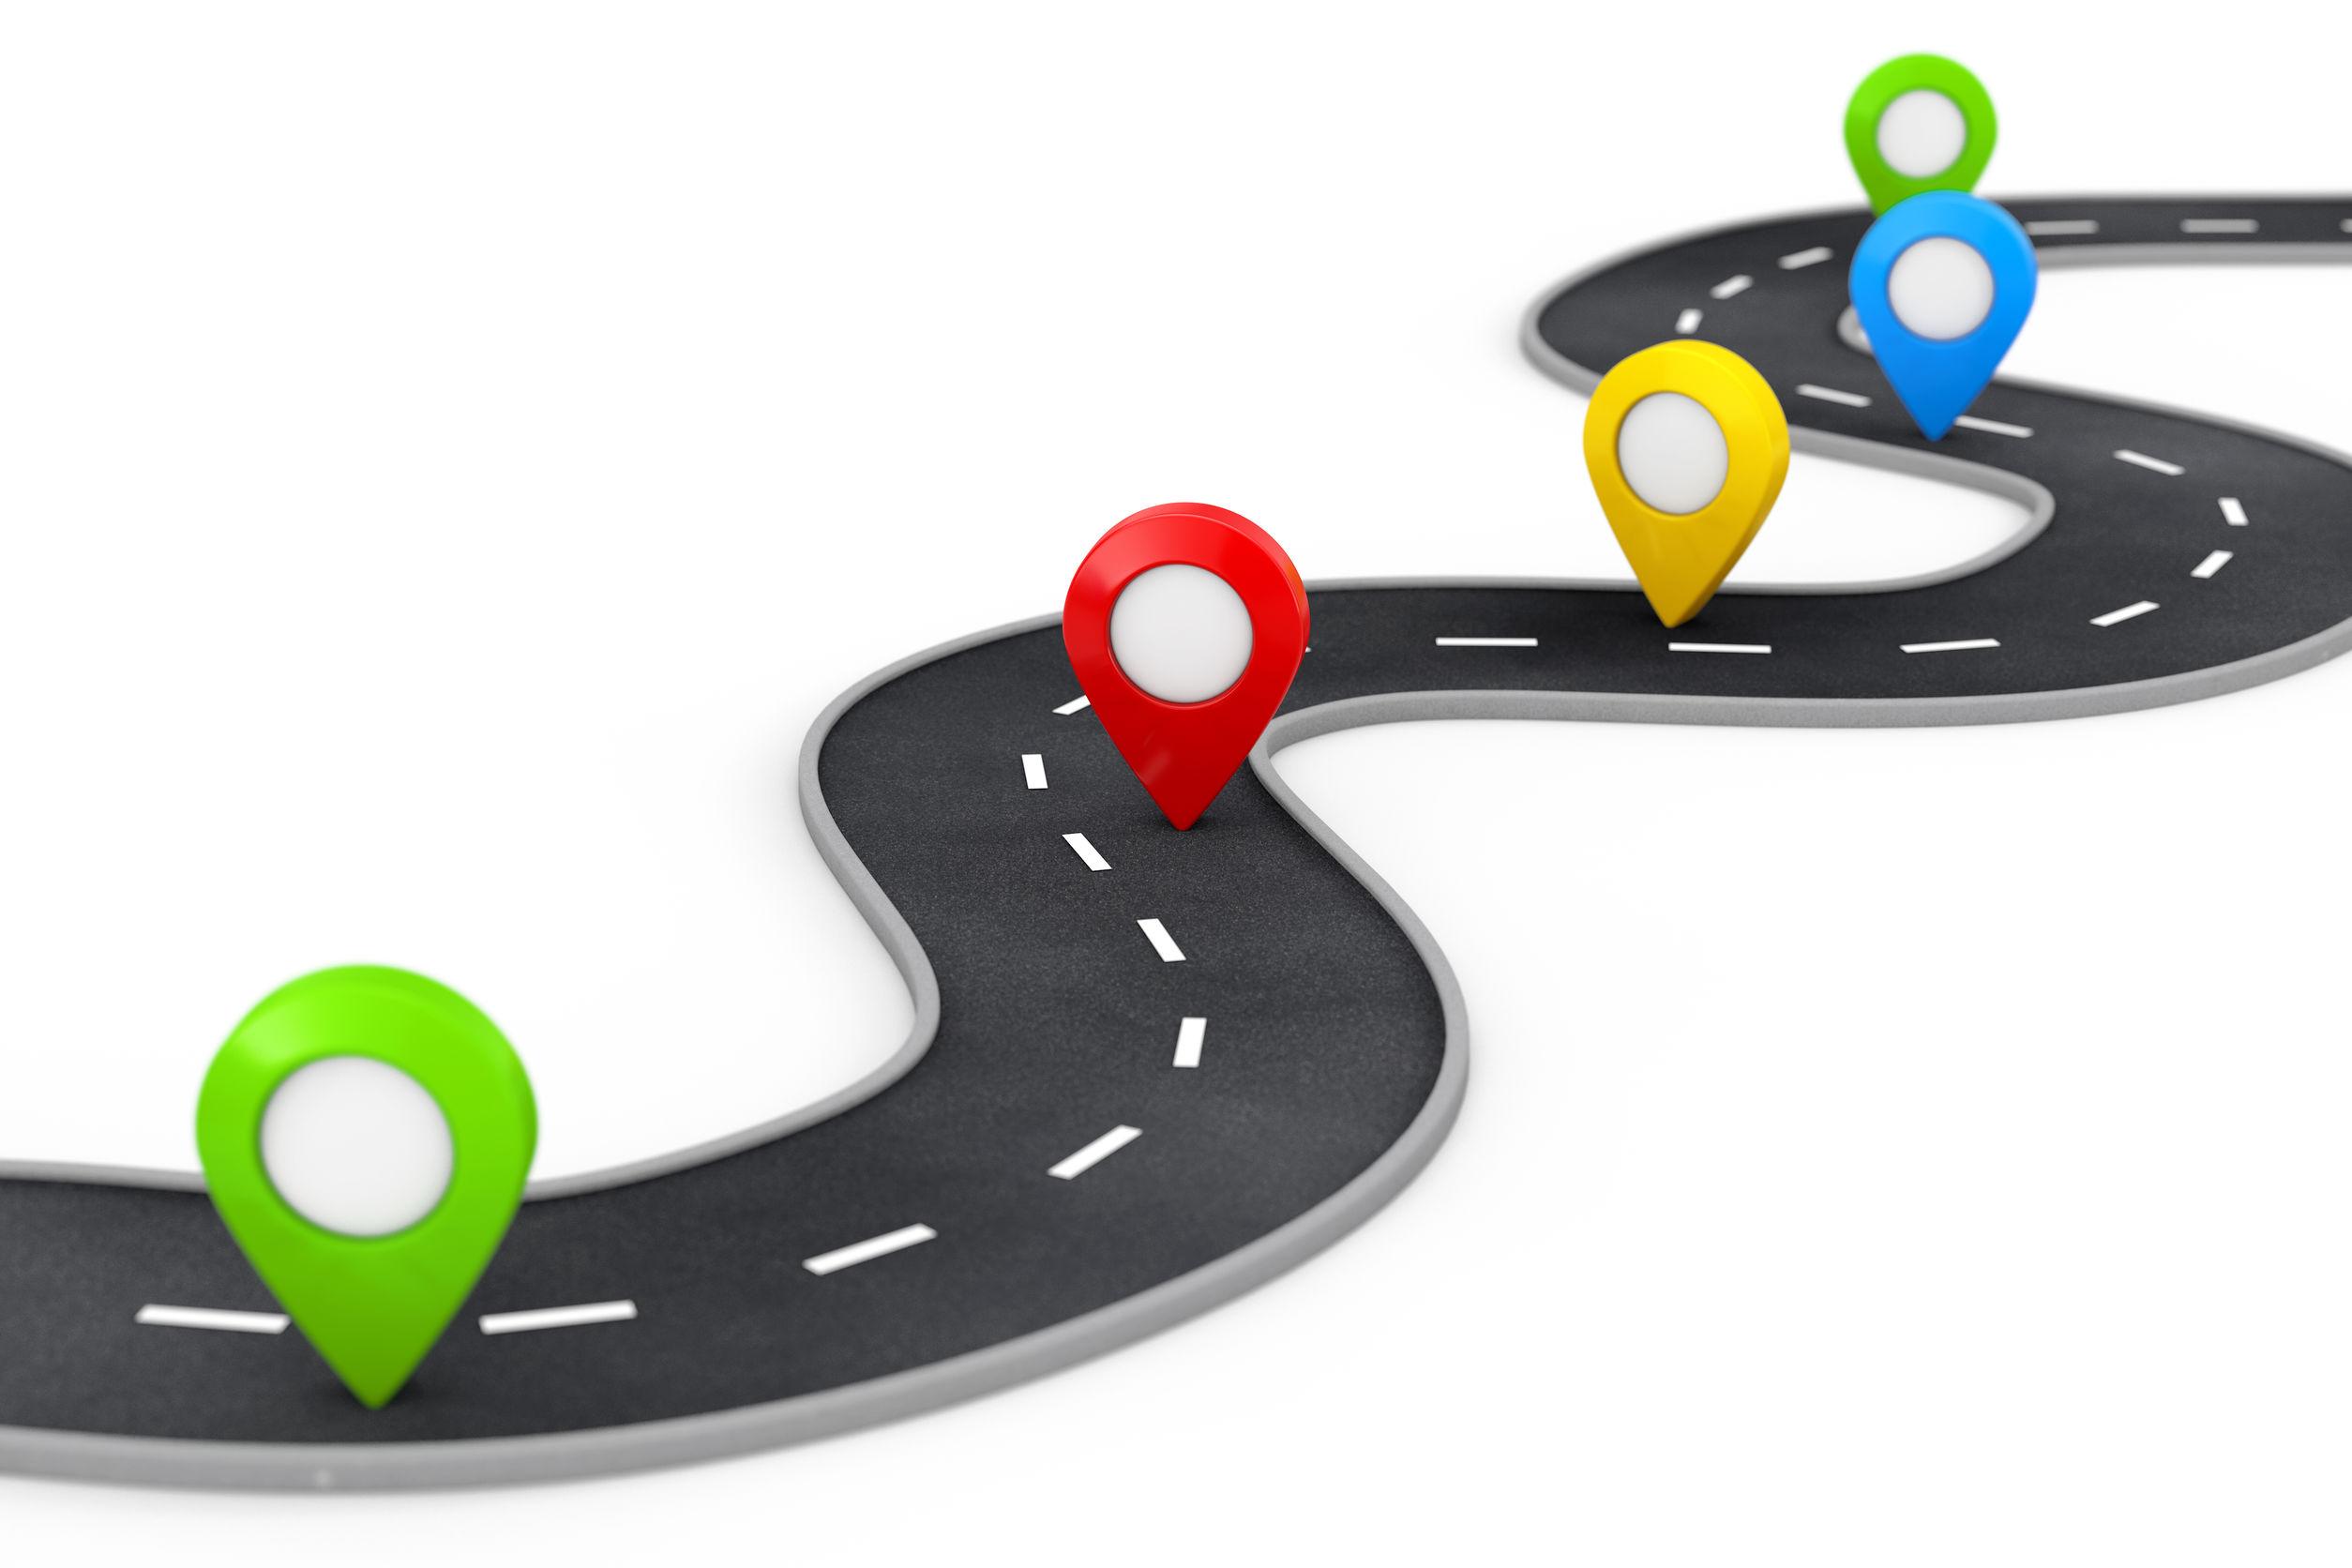 איך עיצוב מסע לקוח בחברה שלך יקפיץ את ההכנסות ורמת השירות?